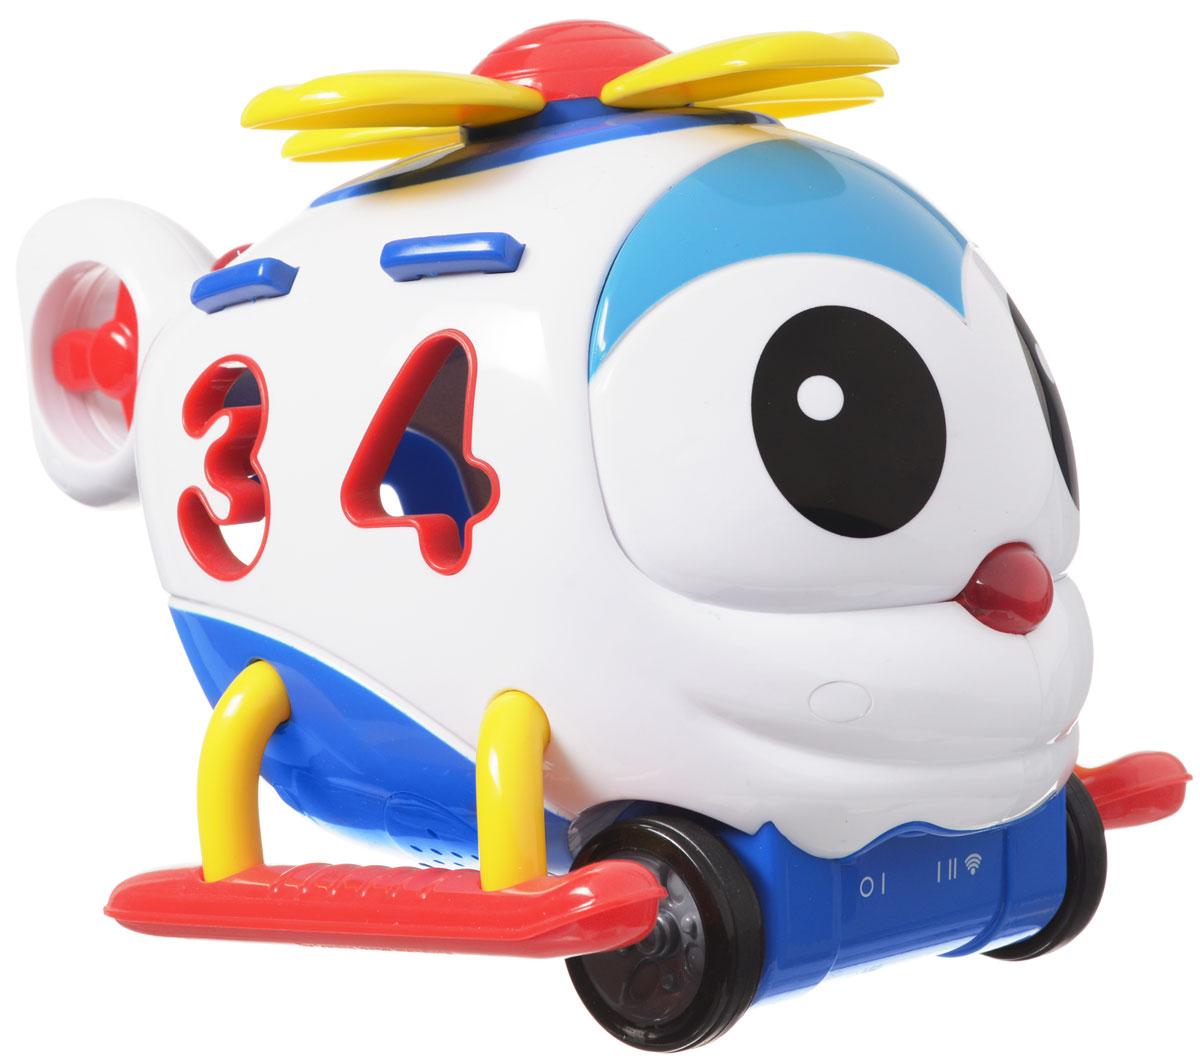 Learning Journey Игрушка на радиоуправлении Умный вертолетик242094Развивающая игрушка Learning Journey Умный вертолетик - это многофункциональное устройство на дистанционном управлении, которое обязательно понравится вашему малышу. Вертолетик может работать в 3-х режимах - как сортер, как развивающая и как дистанционно управляемая игрушка. Малыш познакомится с цифрами и цветами, разовьет свои логические и моторные навыки. Вертолетик издает забавные звуки и проигрывает веселые мелодии, его колесики вращаются, а забавный носик загорается. Движение вперед и назад, функция автоматического выключения, удобный отсек для хранения цифр. В комплекте: вертолетик, пульт управления, 4 цифры. Игрушка разработана для детей от полутора лет. Для работы игрушки необходимы 3 батарейки типа АА (не входят в комплект). Для работы пульта управления необходимы 2 батарейки типа АА (не входят в комплект).